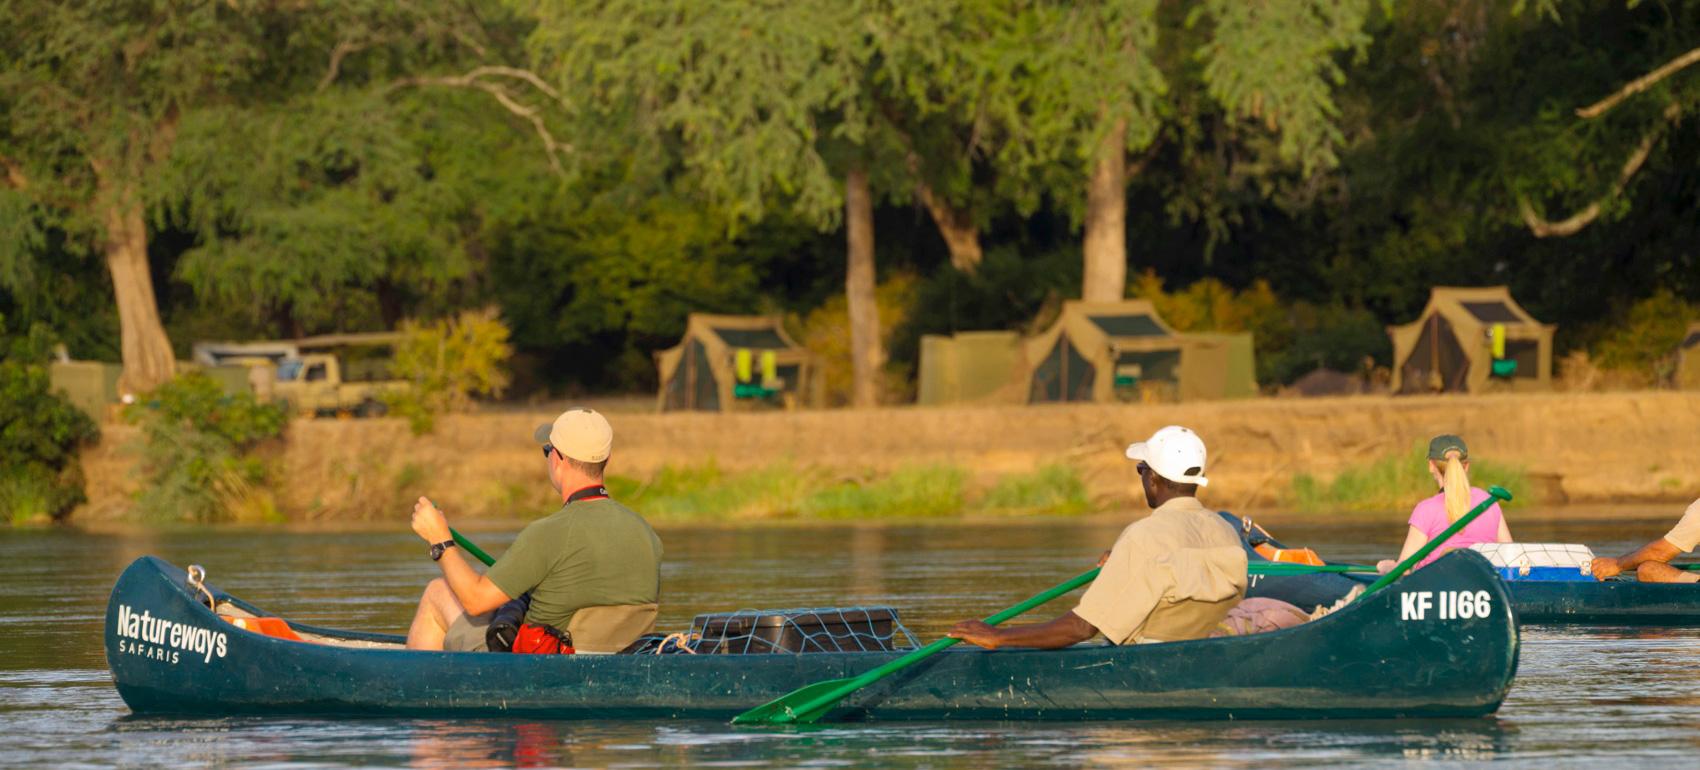 mana-pools-canoe-gallery-04